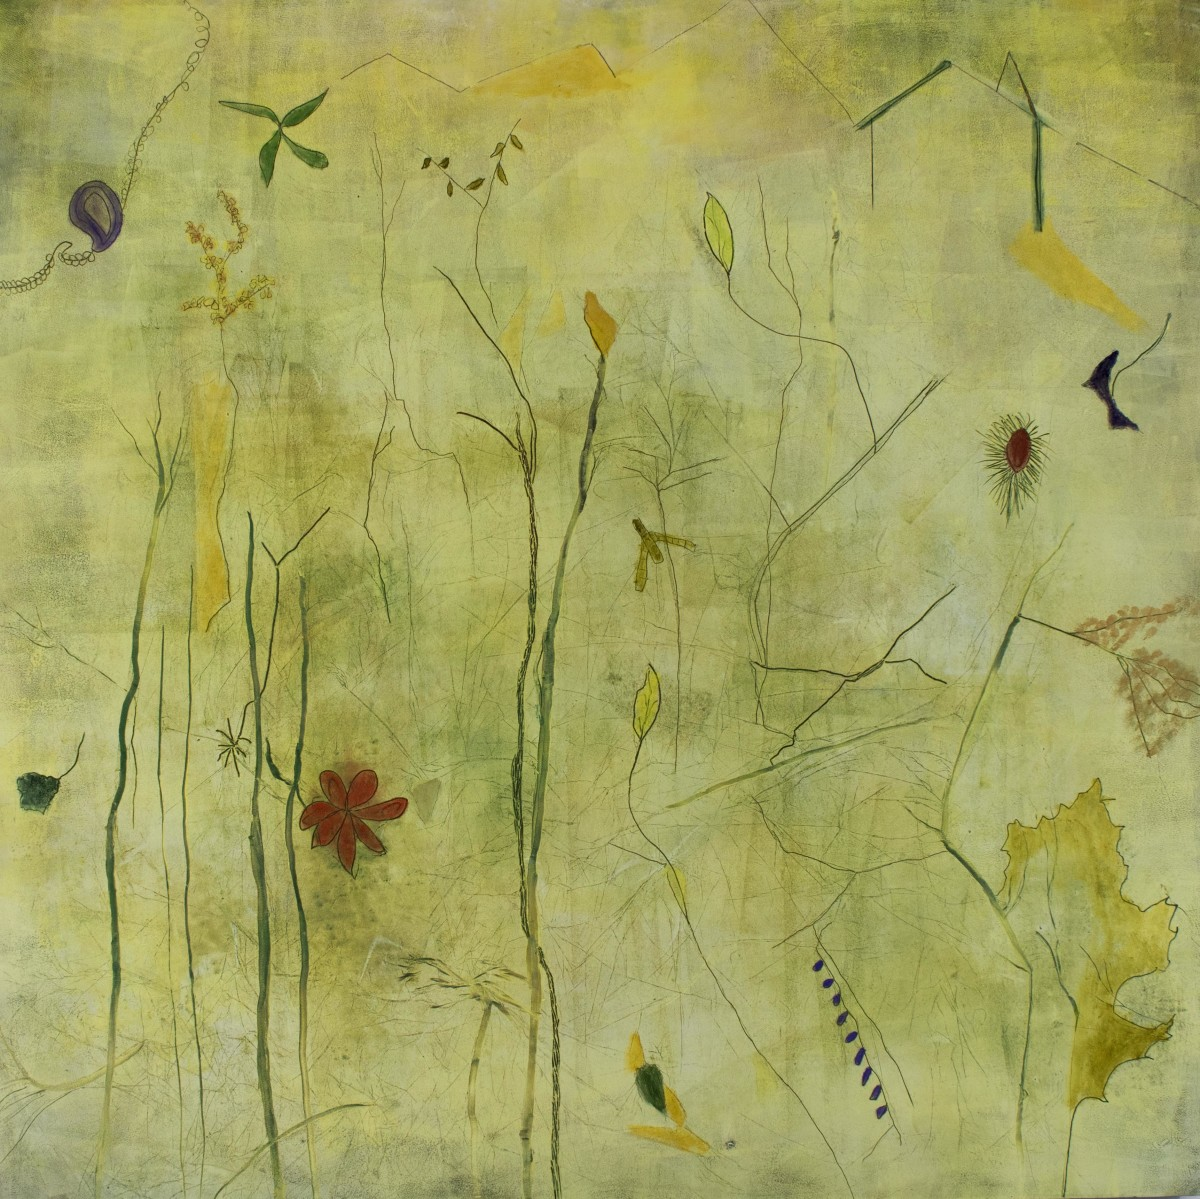 Gold Dust by Helen DeRamus